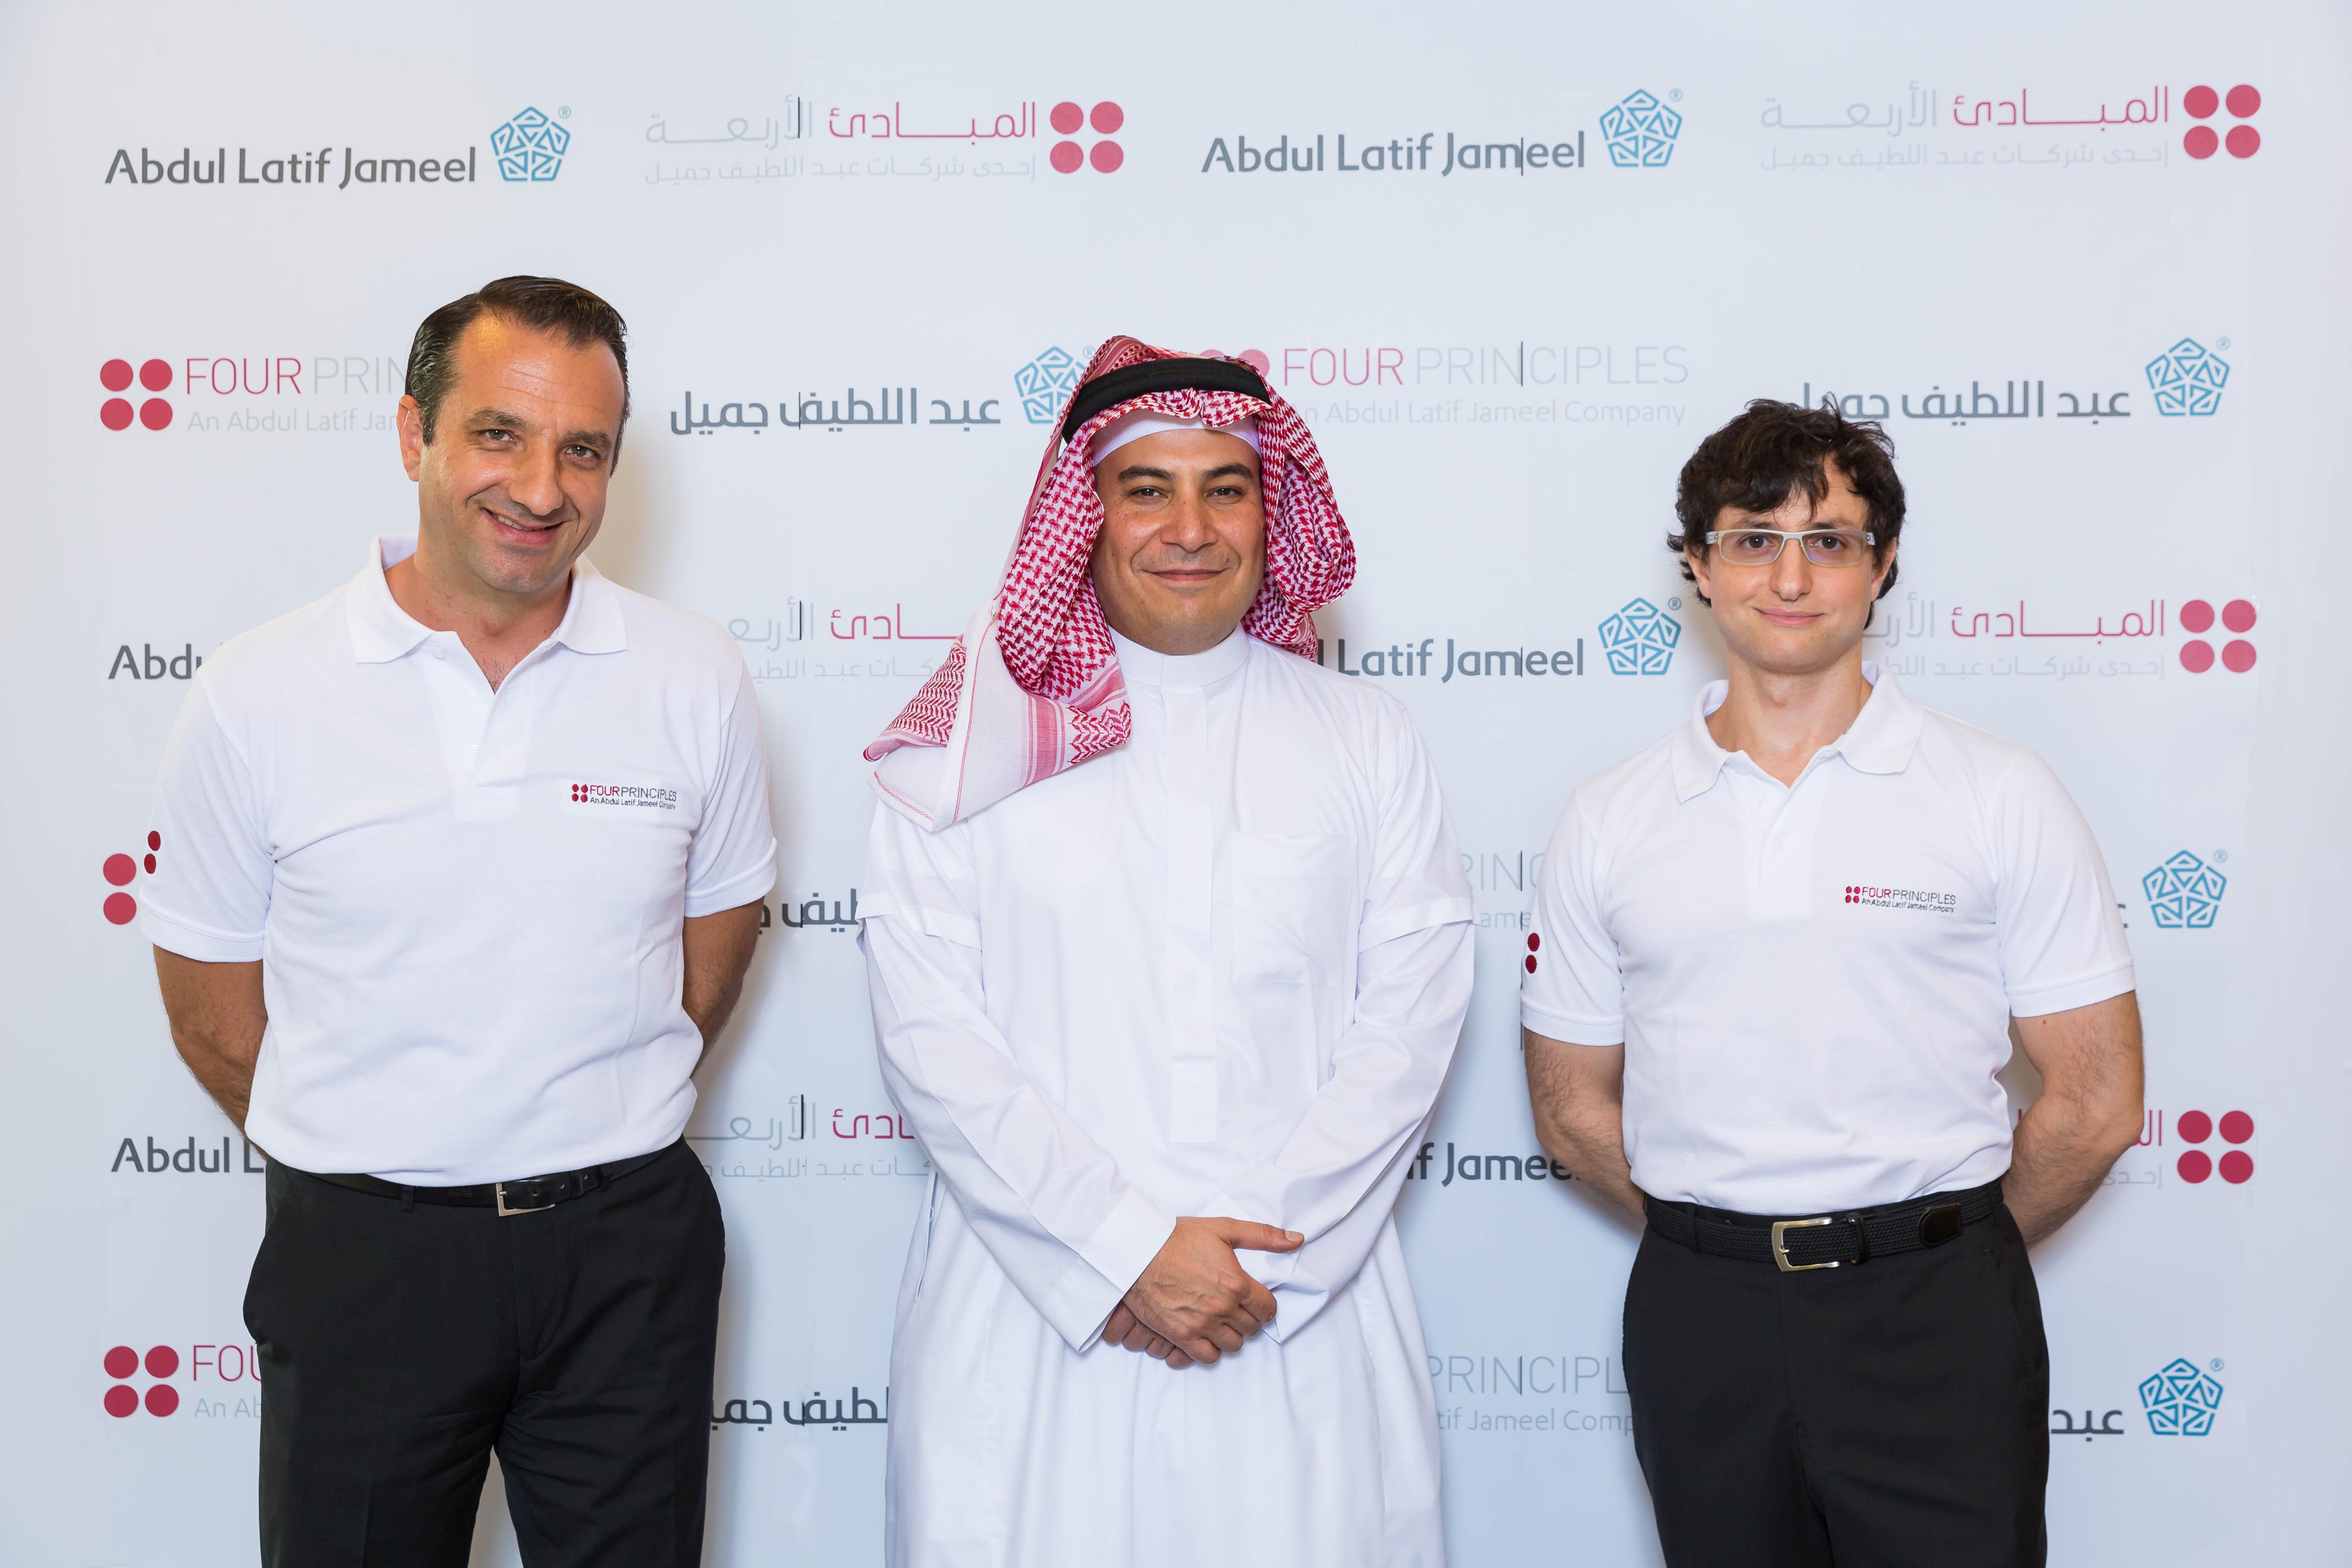 عبداللطيف جميل تعلن عن تأسيس شركة للإدارة اللينة لدعم القطاع الحكومي والخاص لتقليل الهدر باستخدام أسلوب